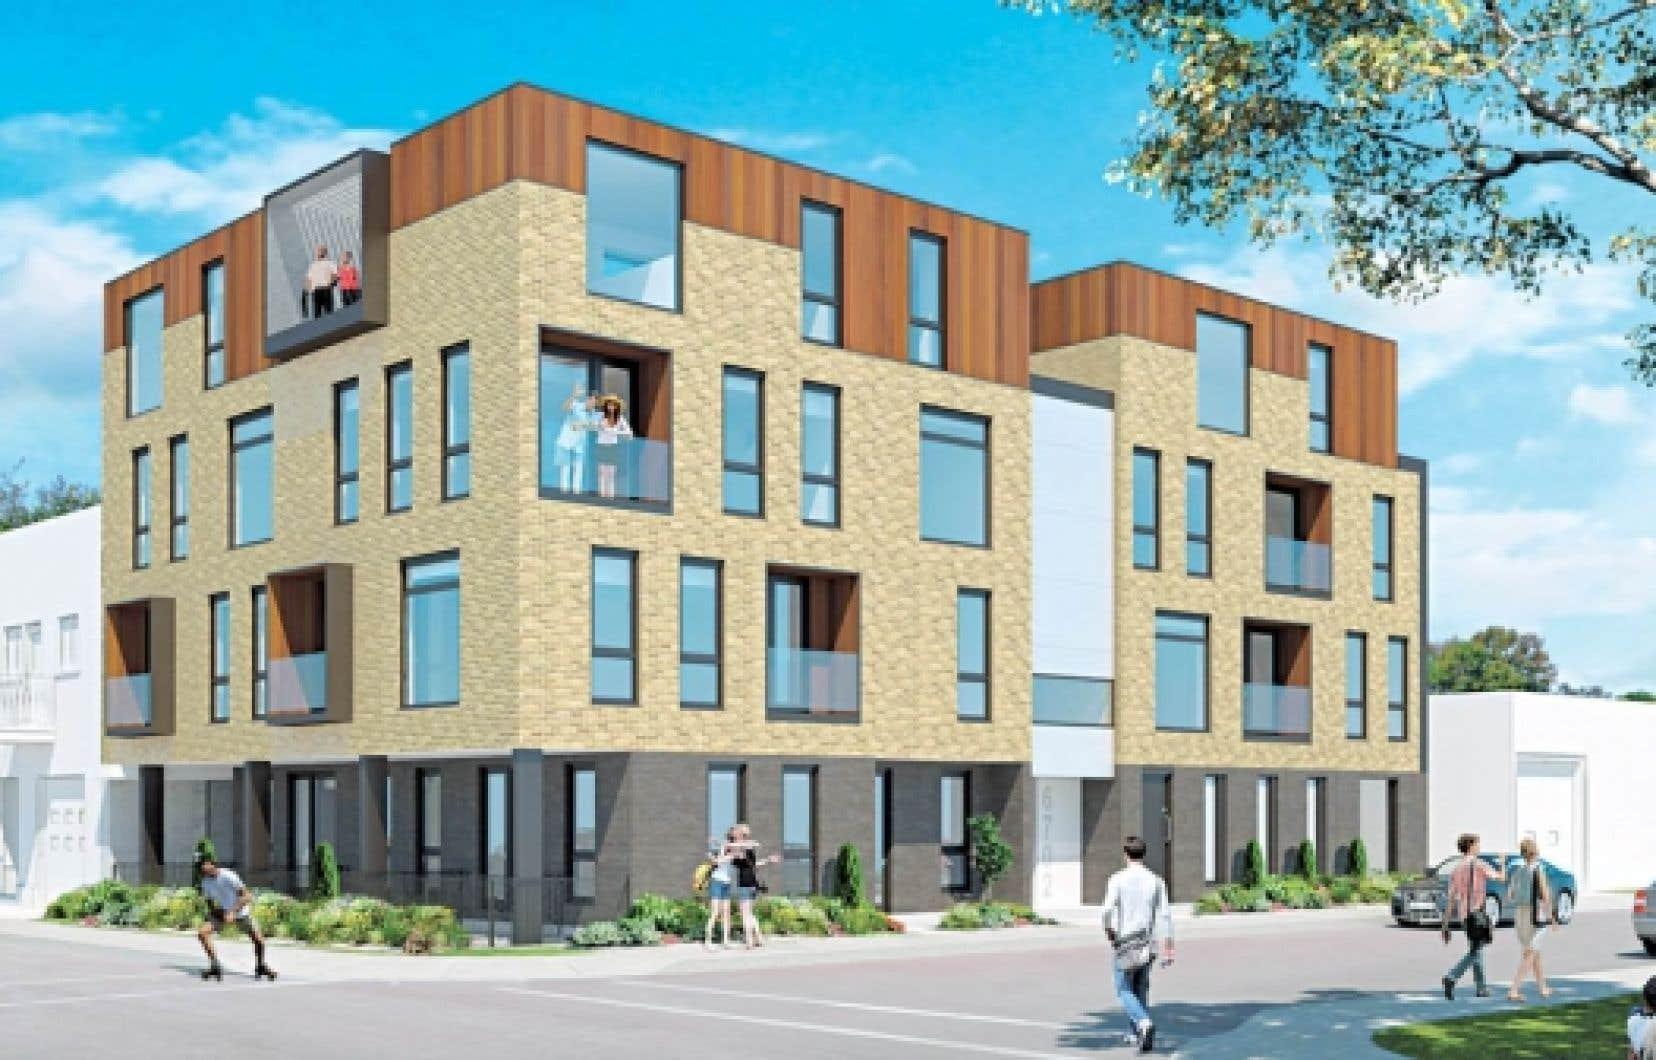 Les dix unit&eacute;s de condo du Jeanne-Mance offriront trois styles d&rsquo;habitation distincts. <br />